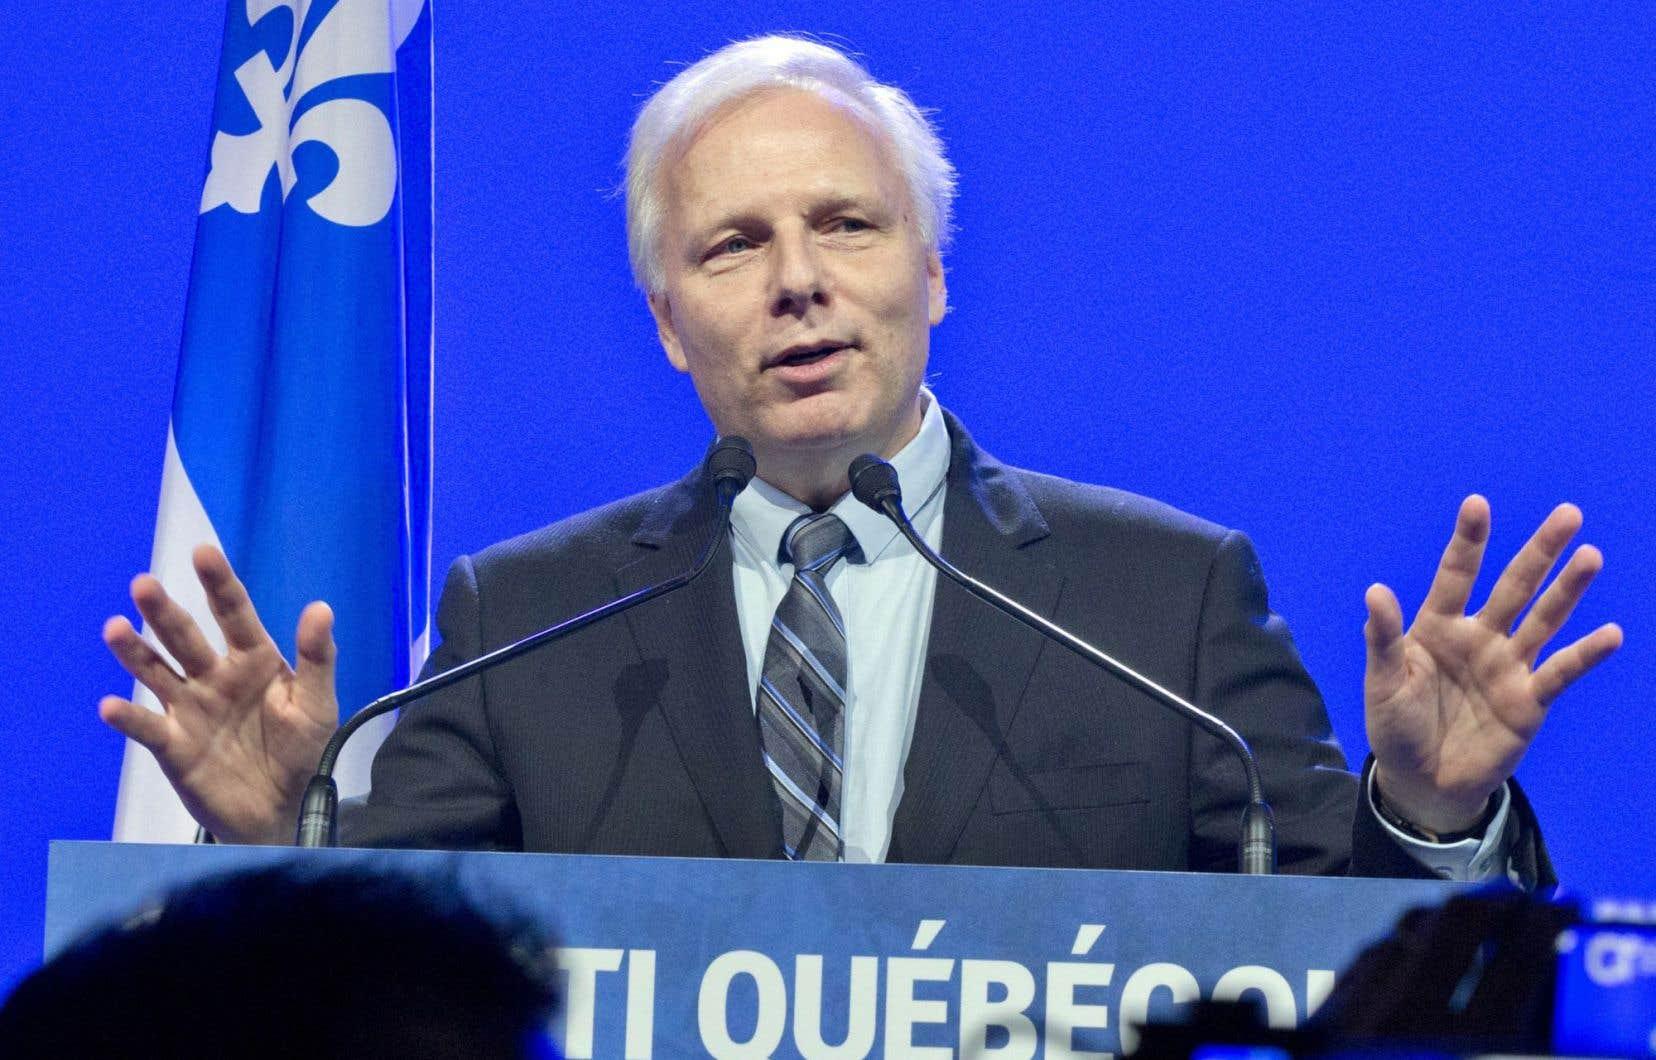 Le 30janvier prochain, à l'occasion du caucus du PQ, l'ensemble des députés rencontrera des membres de la diversité montréalaise.